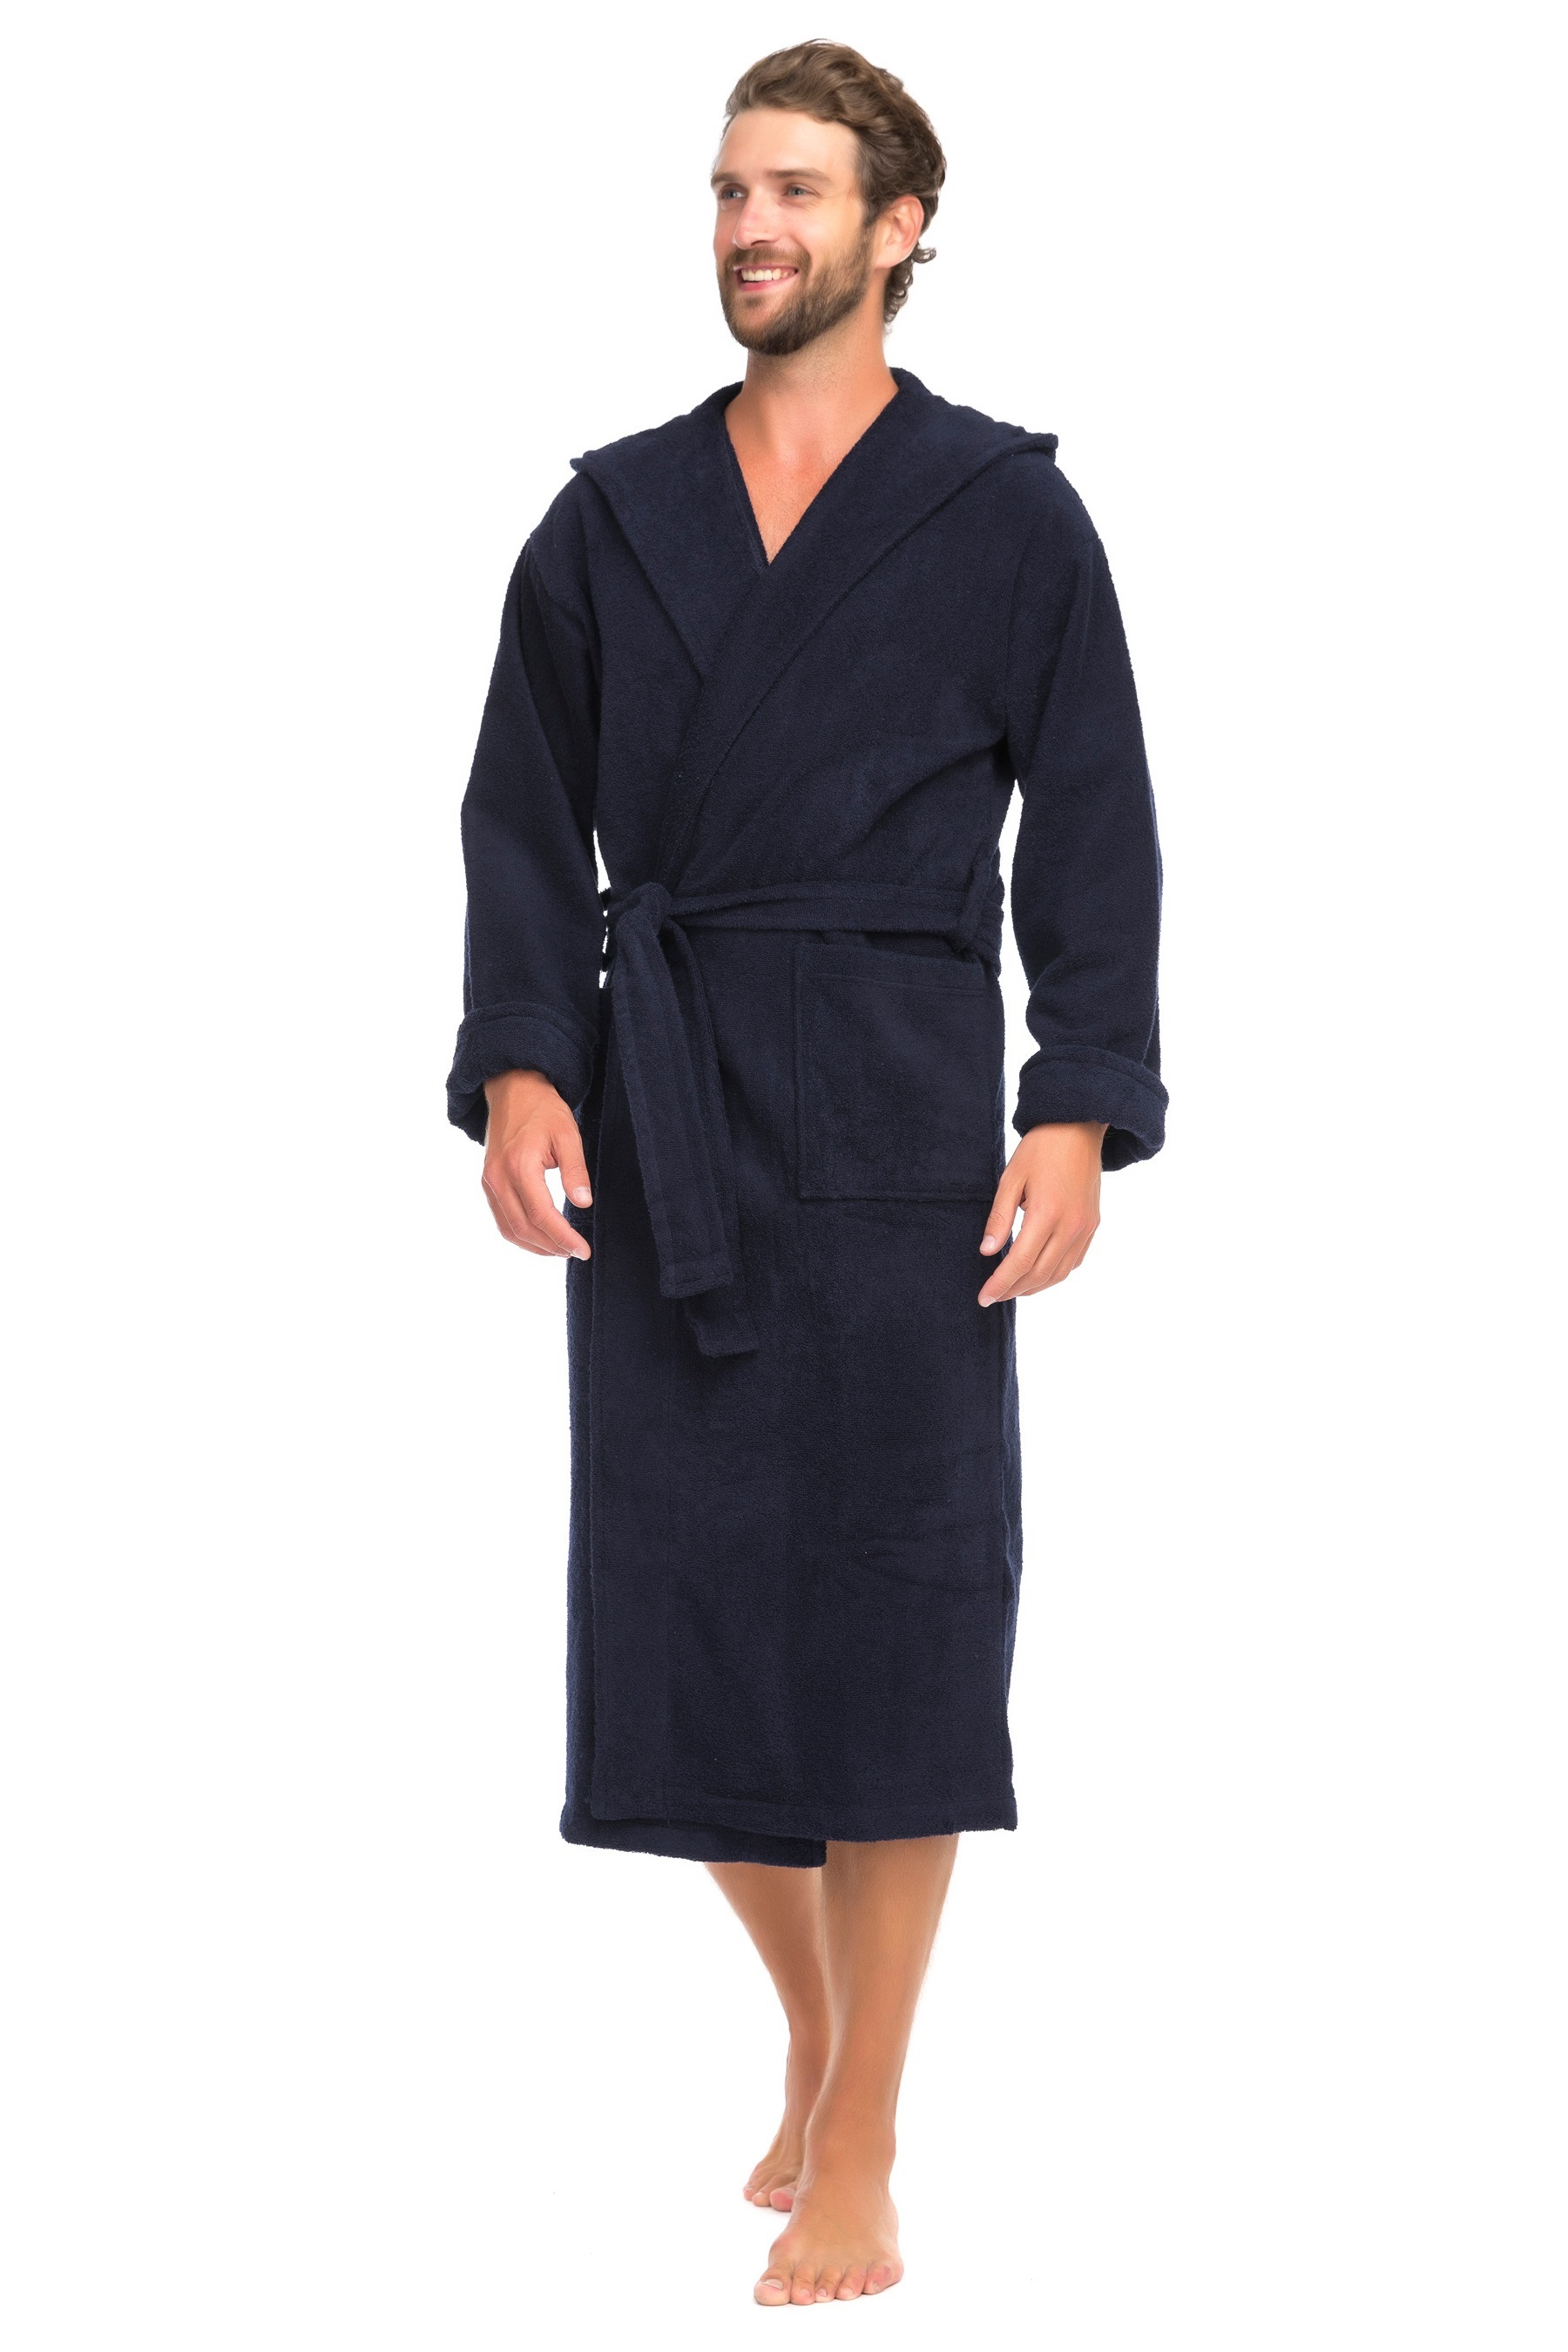 Мужской махровый халат с капюшоном SPORT#and#Life (Е 901-1), цвет тёмно-синий, размер 46-48